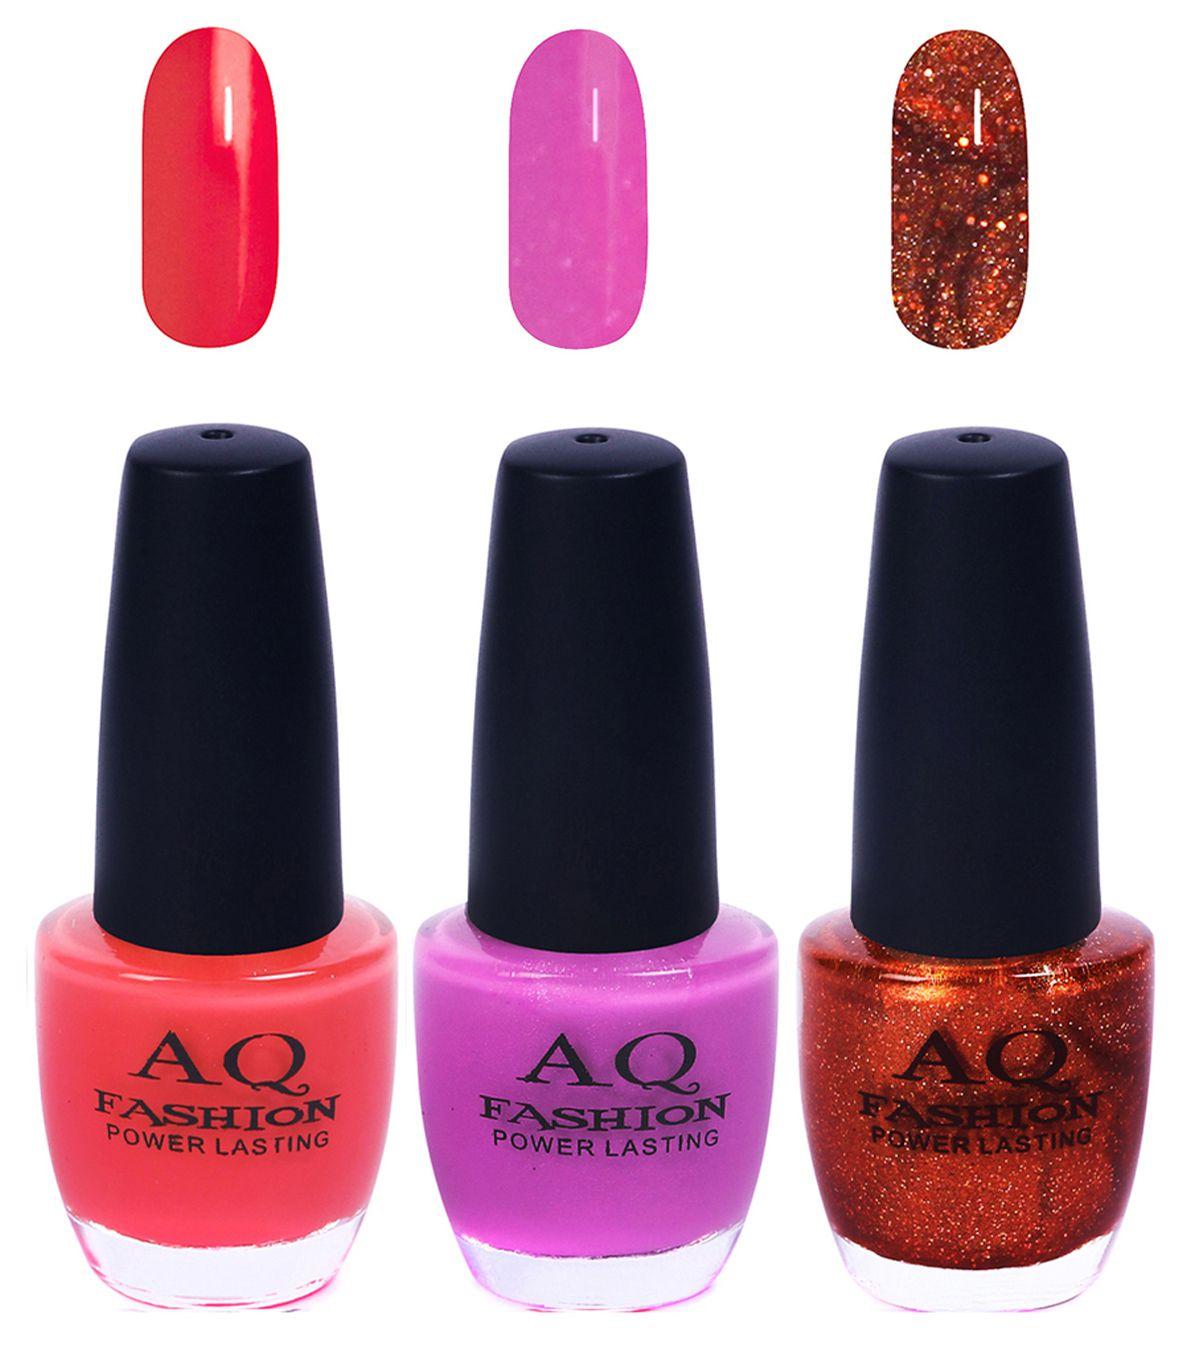 AQ Fashion Nail Polish Funky Vibrant Range of Colors Matte 36 ml